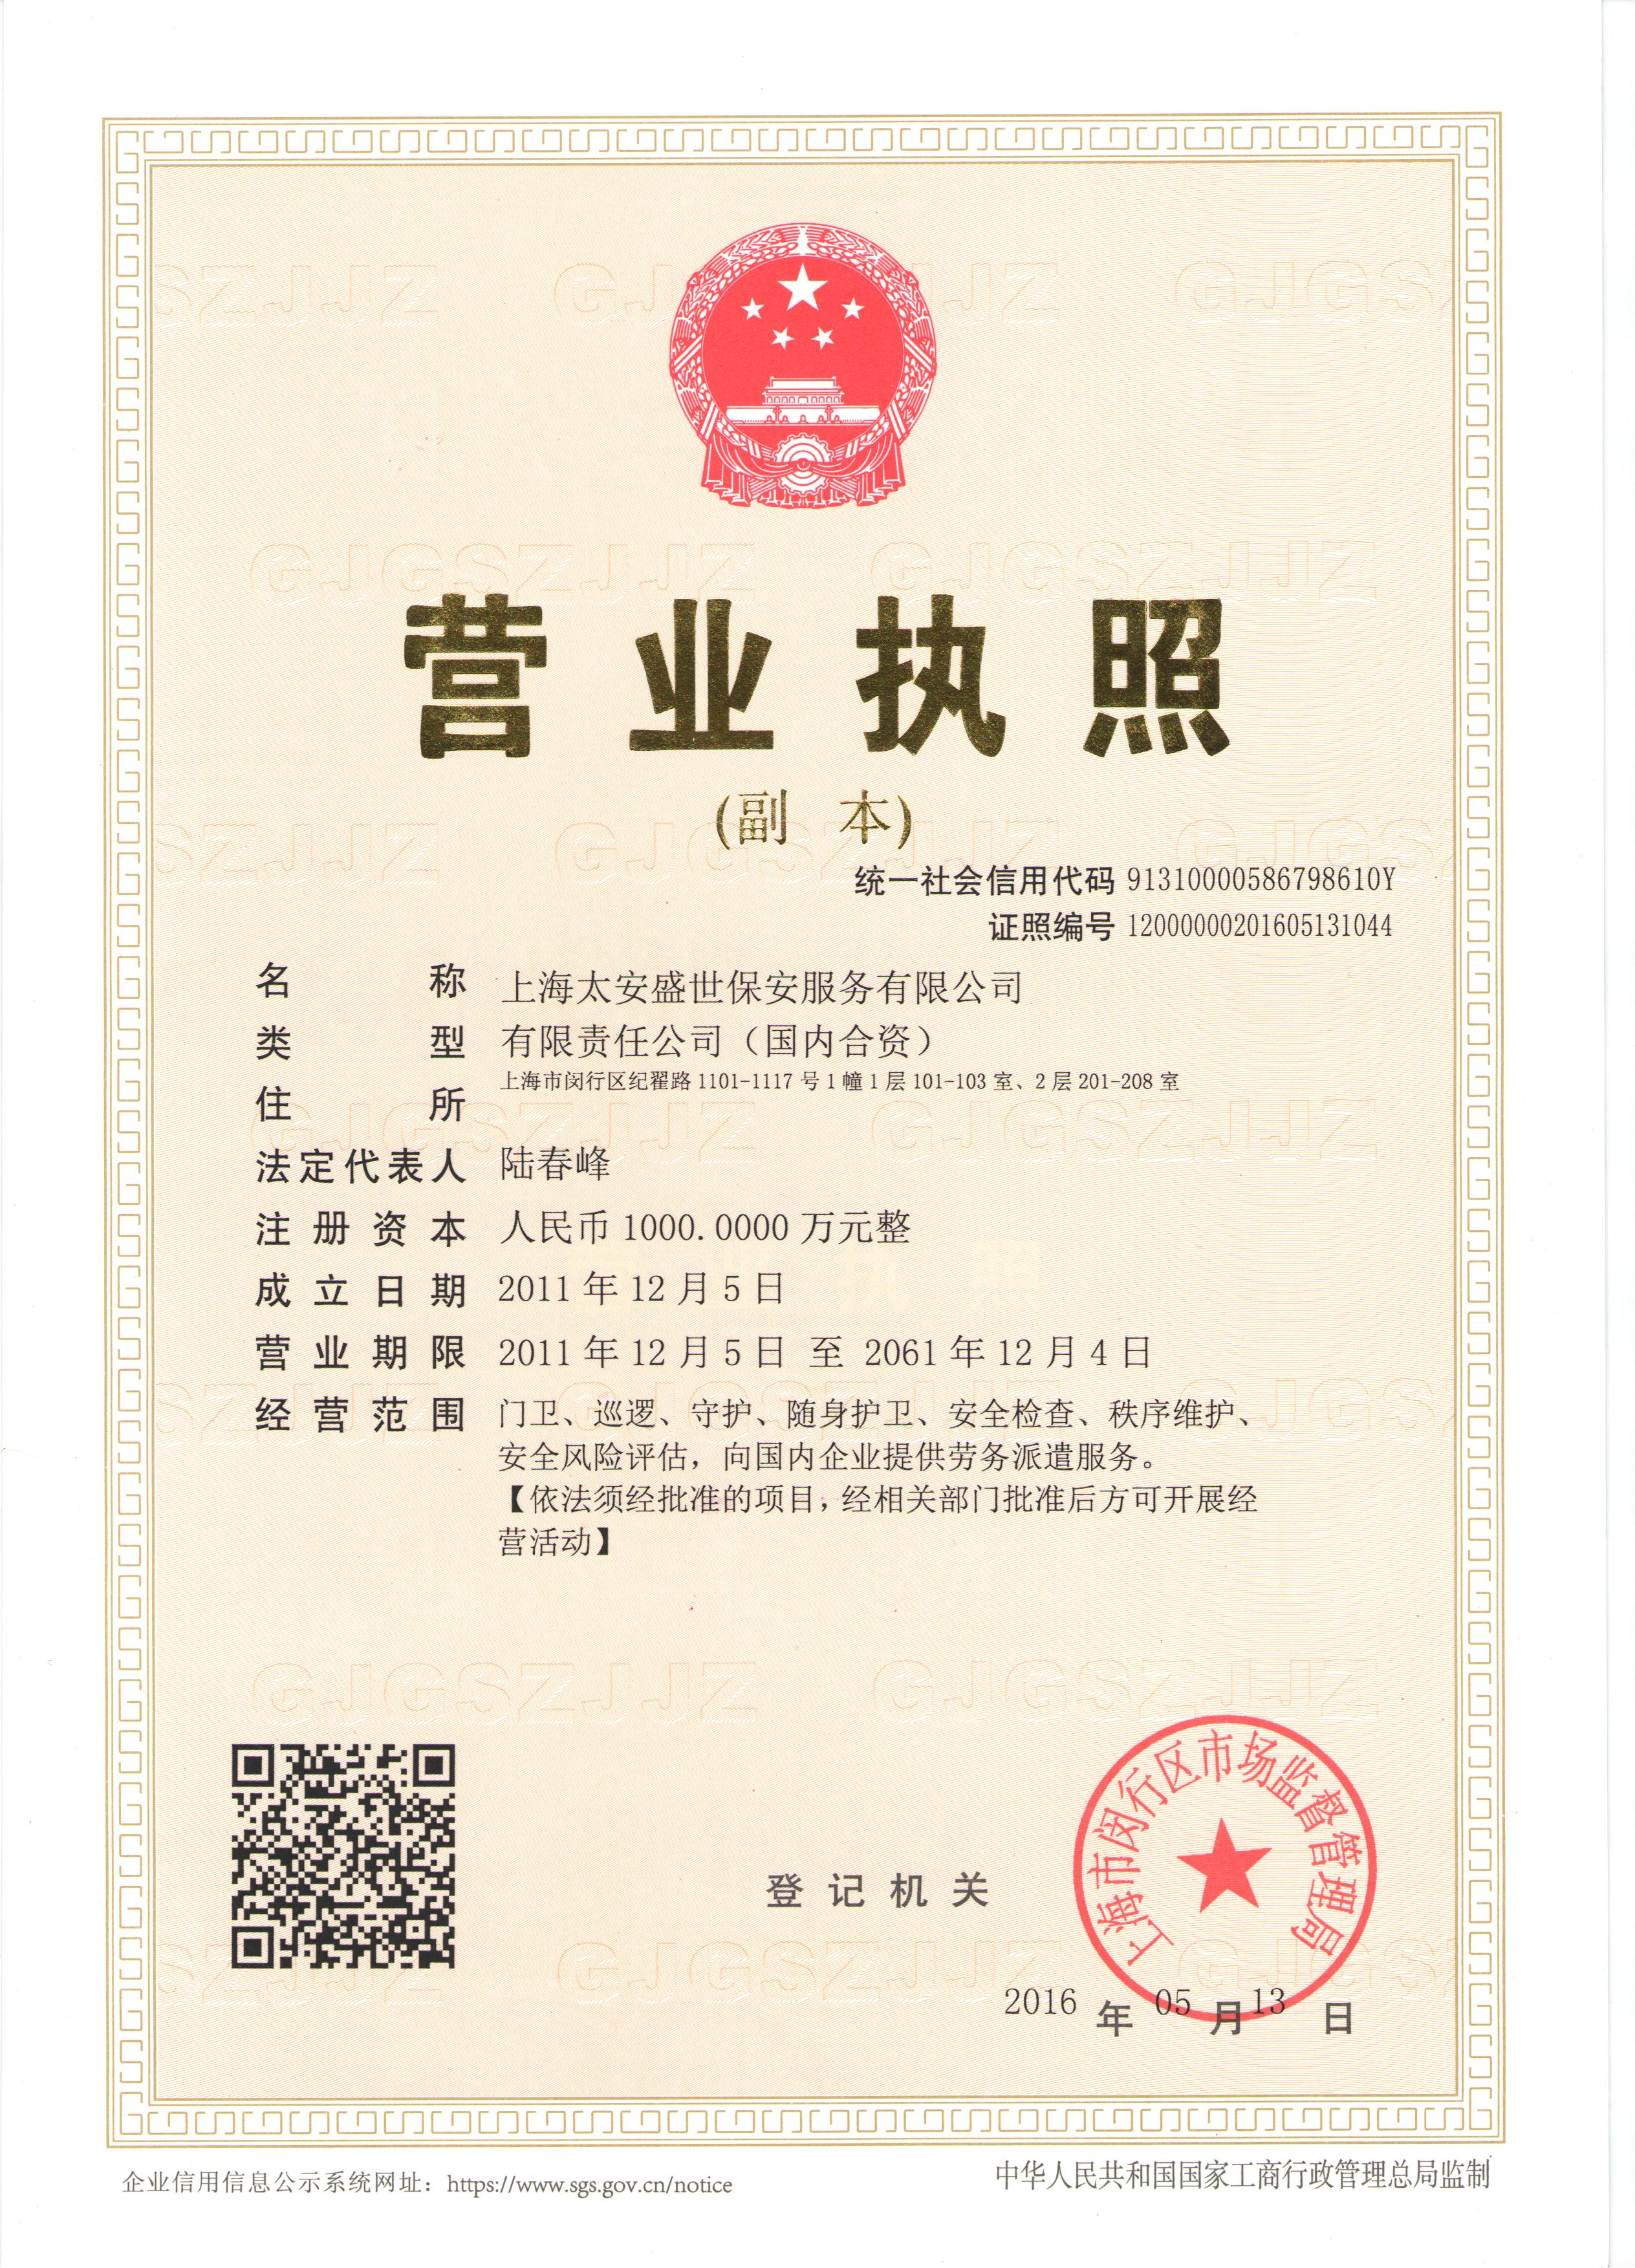 上海太安盛世三证合一营业执照